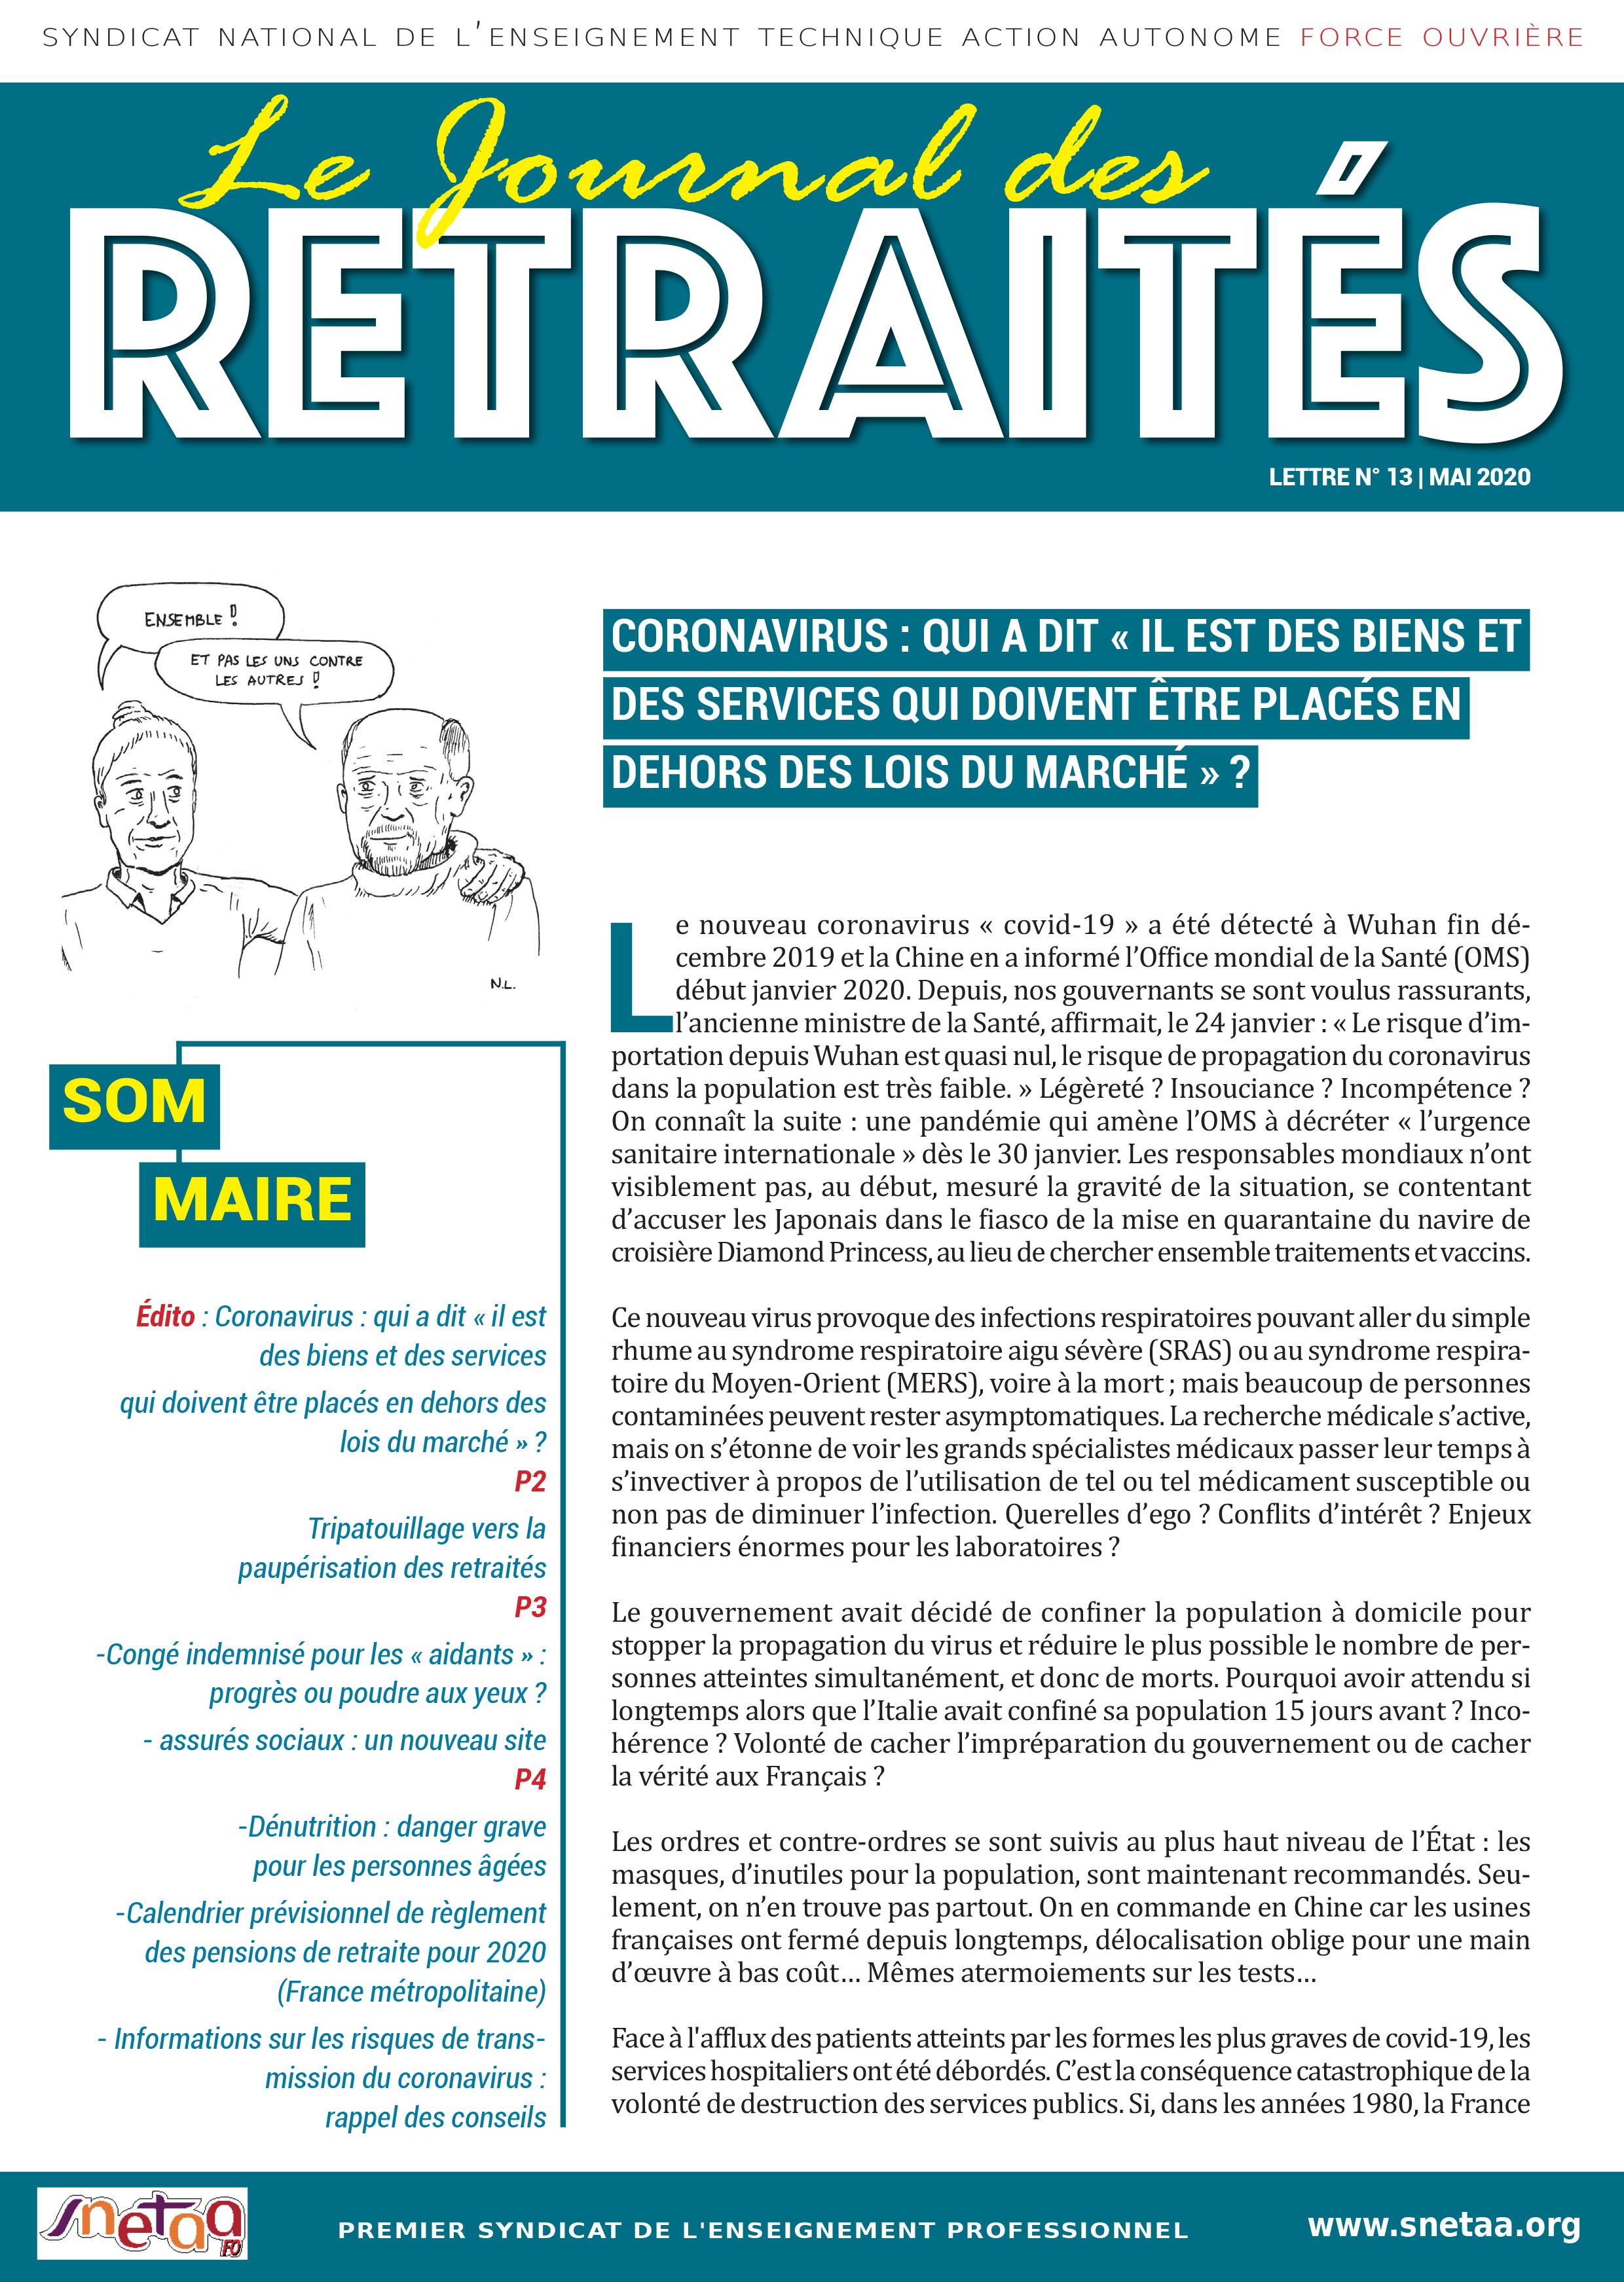 Journal des retraités n°13